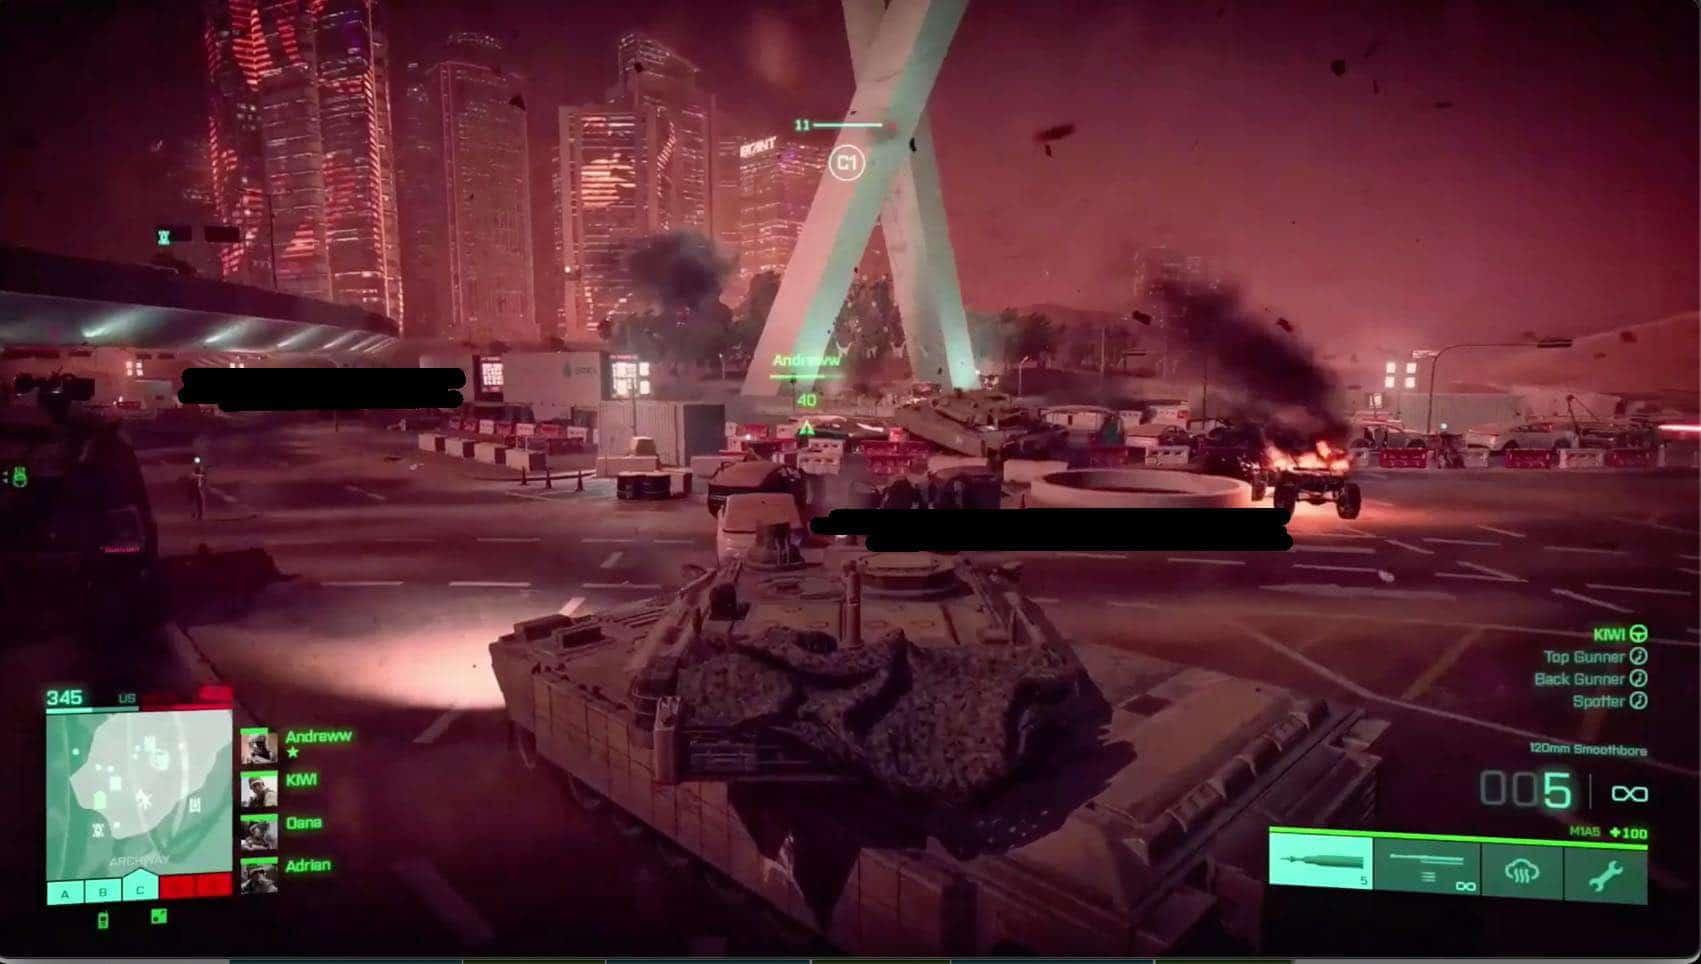 Possível imagem de Battlefield 6 com um tanque de guerra em destaque